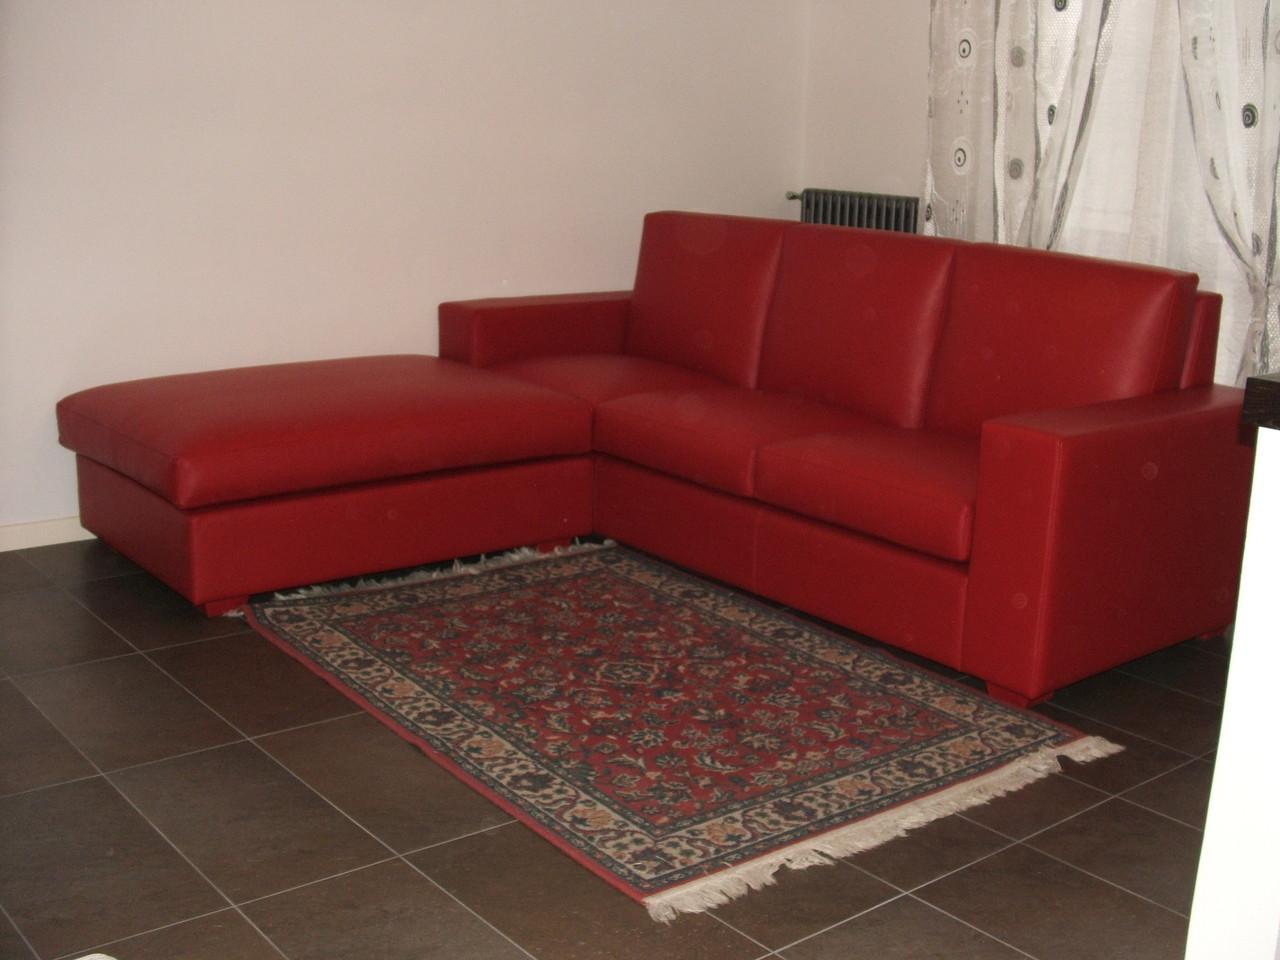 divano pelle pieno fiore rossa con penisola